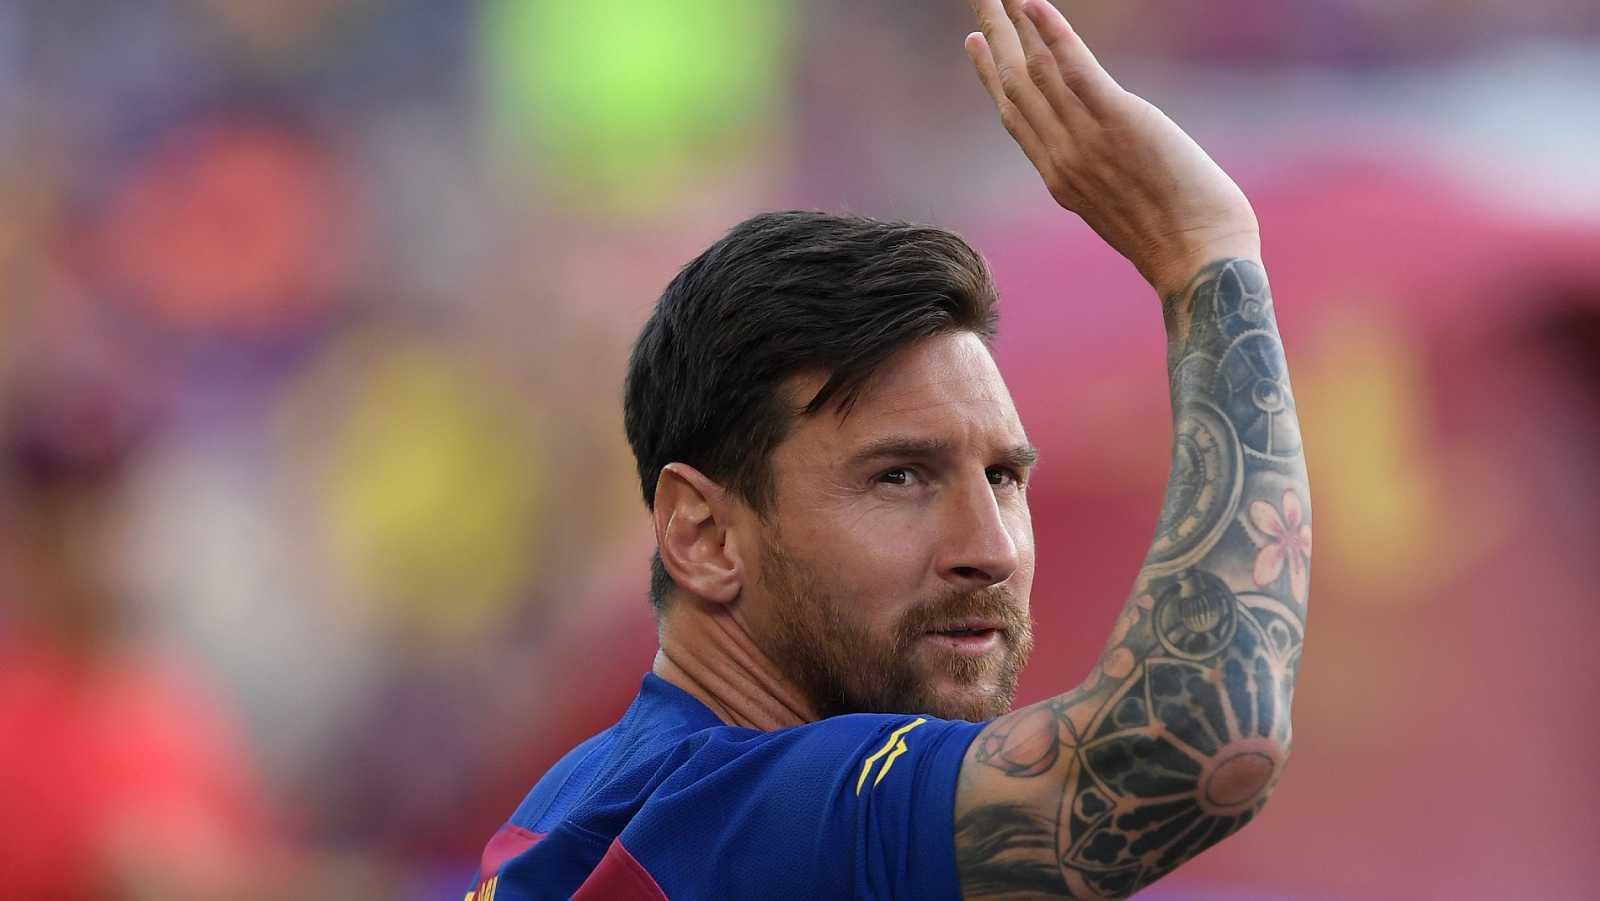 Vídeo: La Liga da la razón al Barcelona sobre la situación contractual de Leo Messi